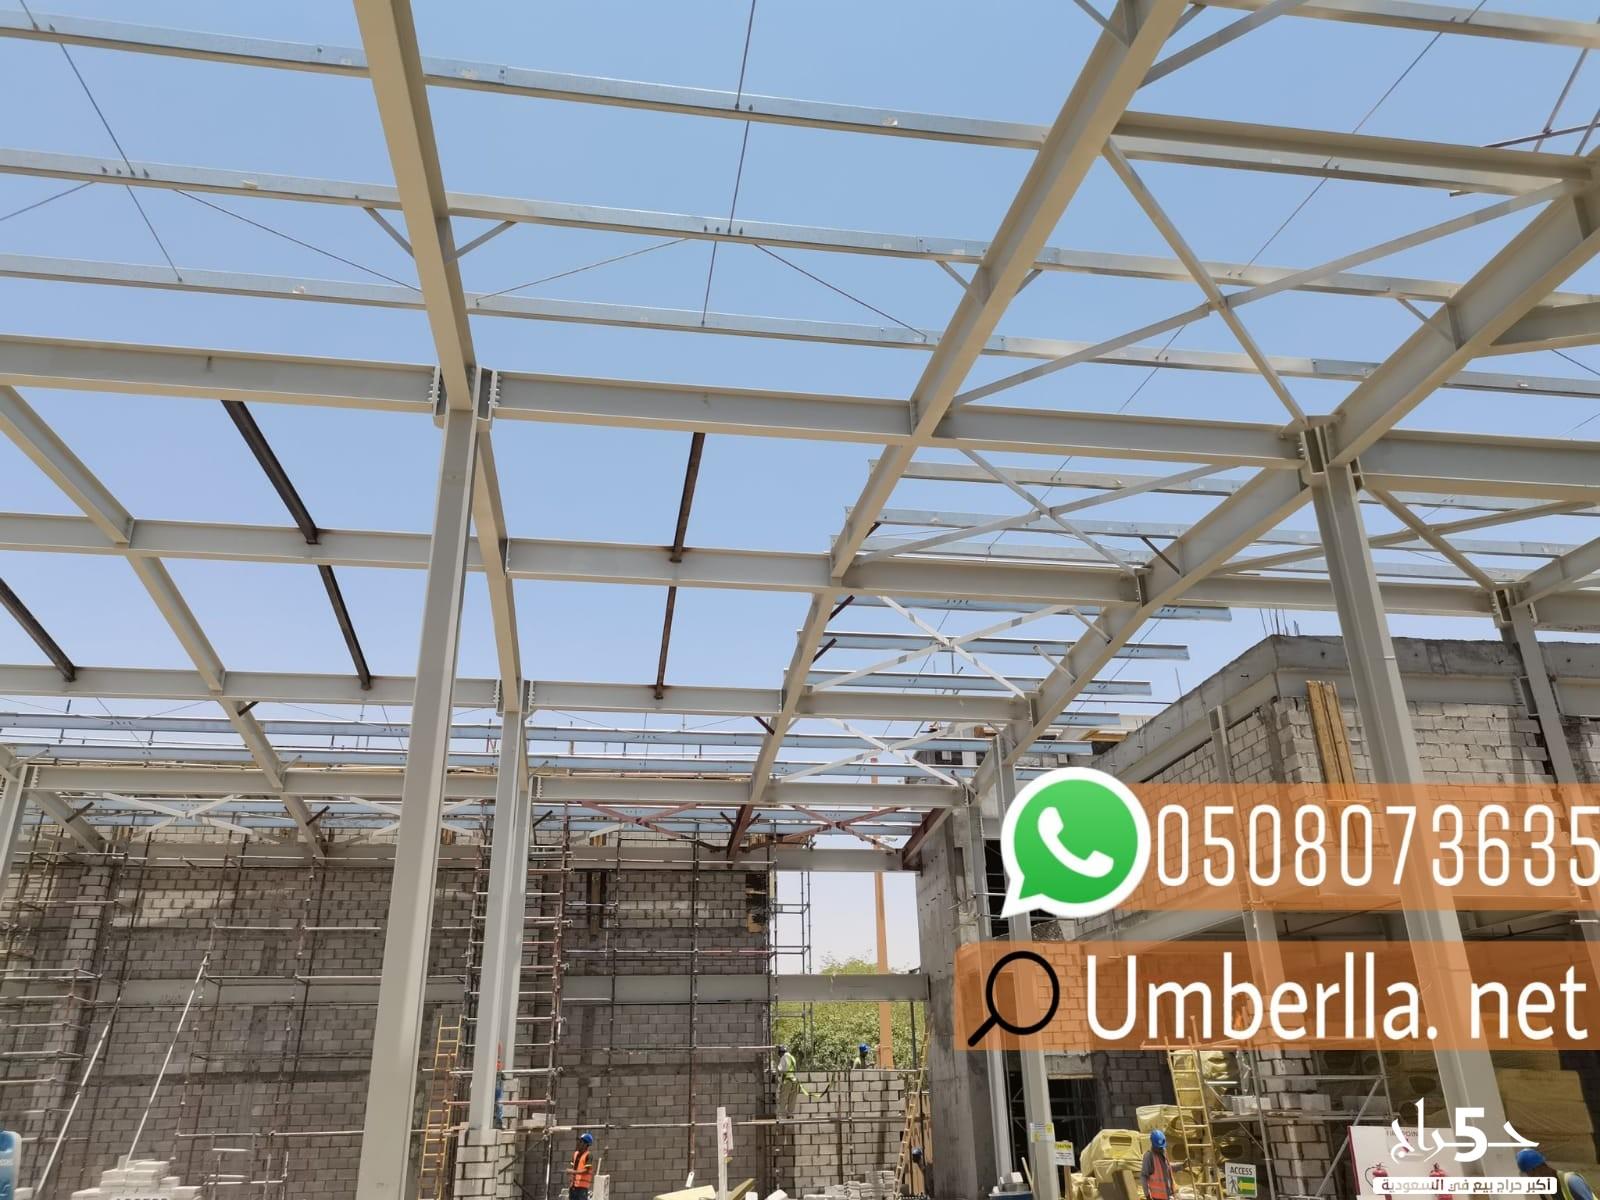 انشاء مستودعات وهناجر في مكة , 0508073635 اشكال واحجام متنوعه .